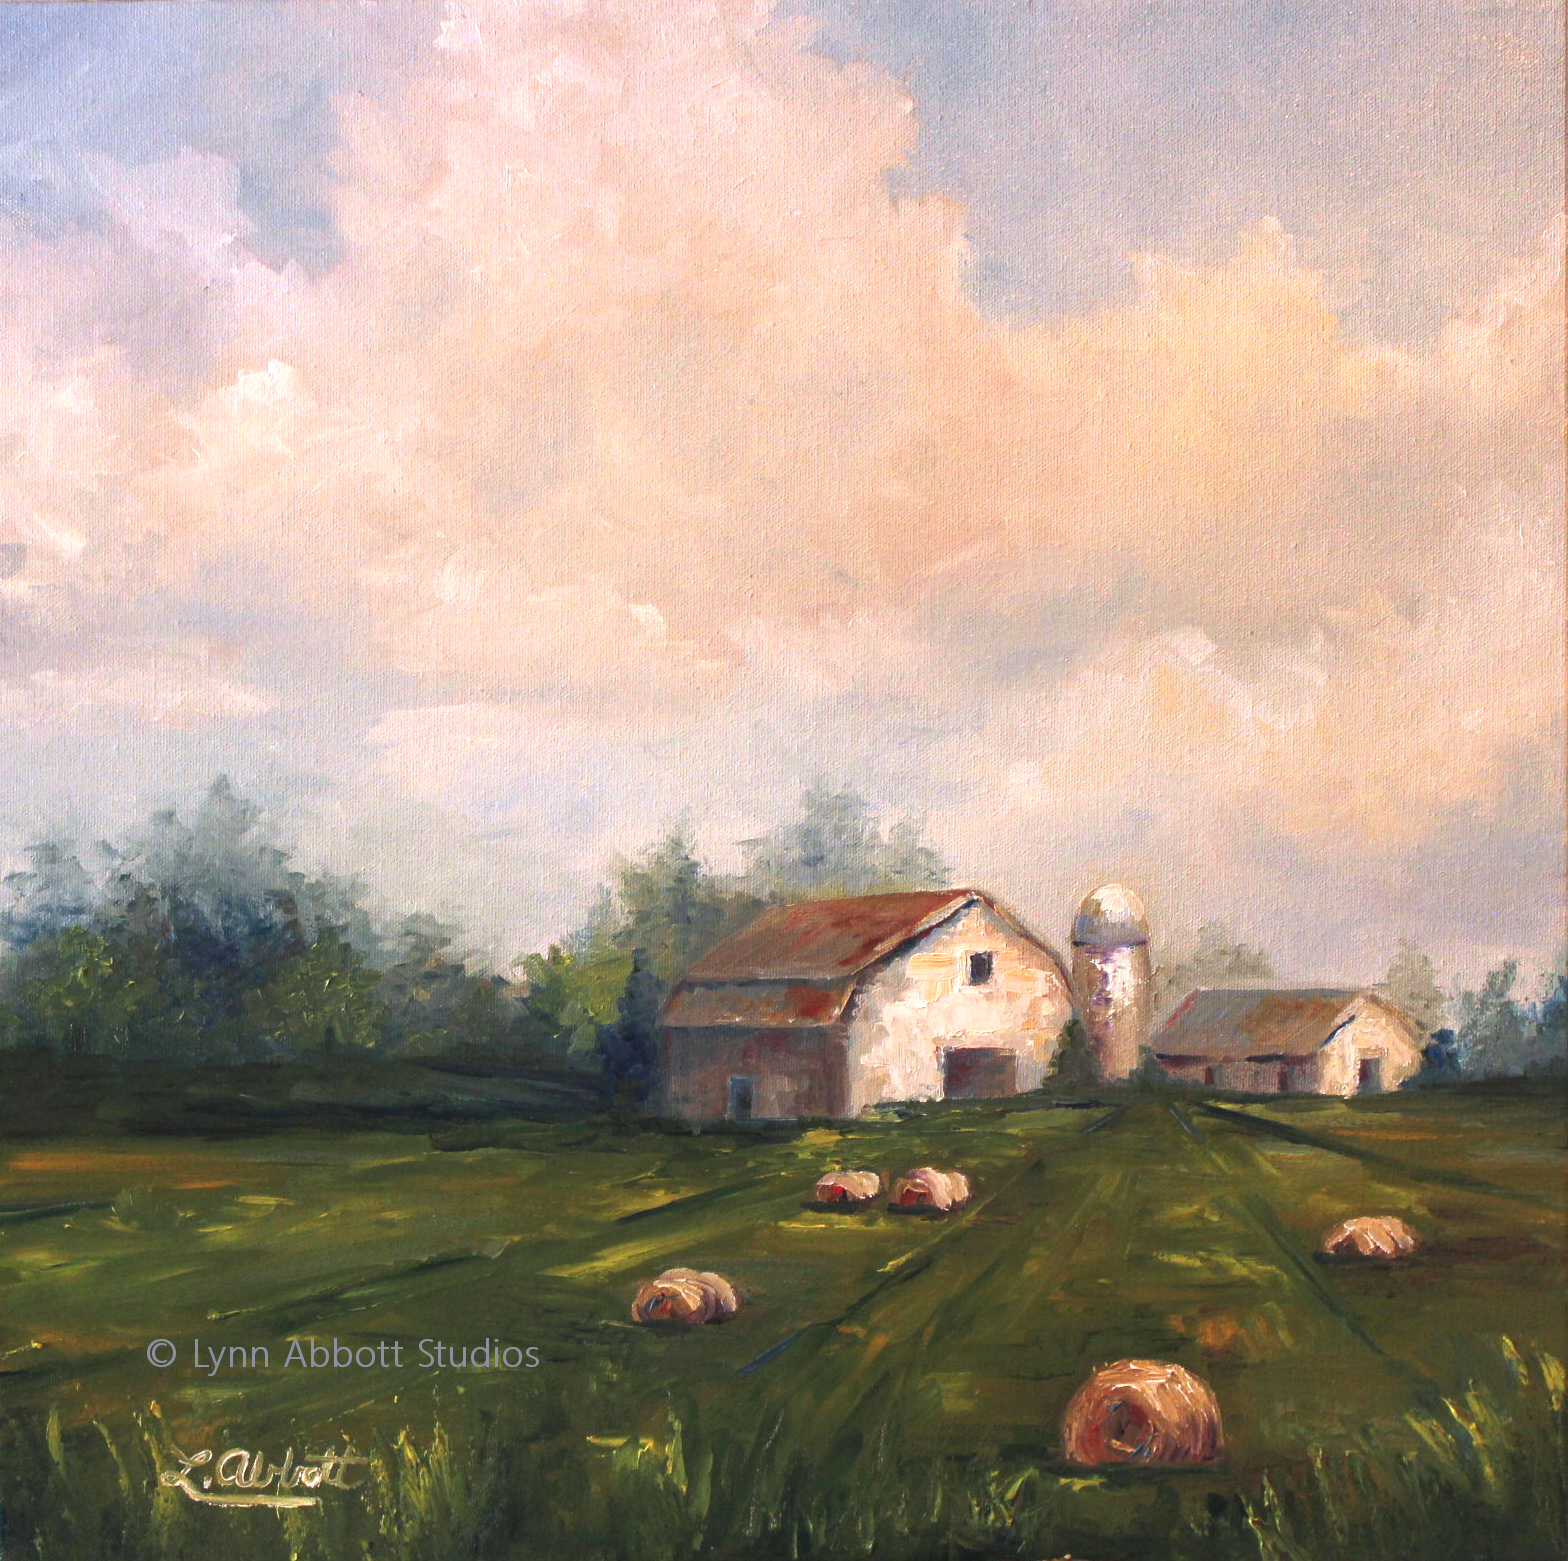 Lynn Abbott, Across the Field